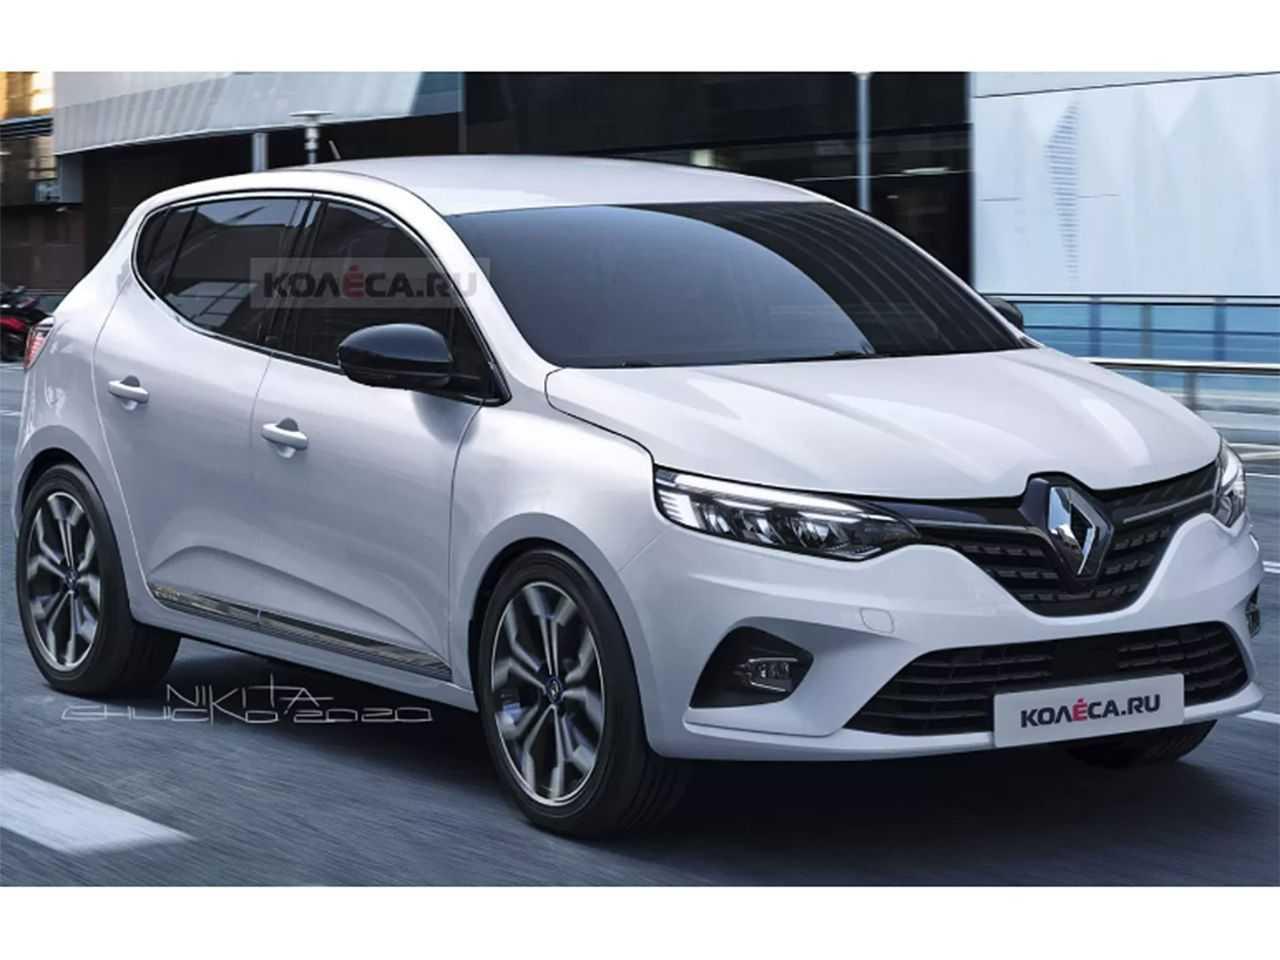 Projeção de Nikita Chuyko para a próxima geração do Renault Sandero